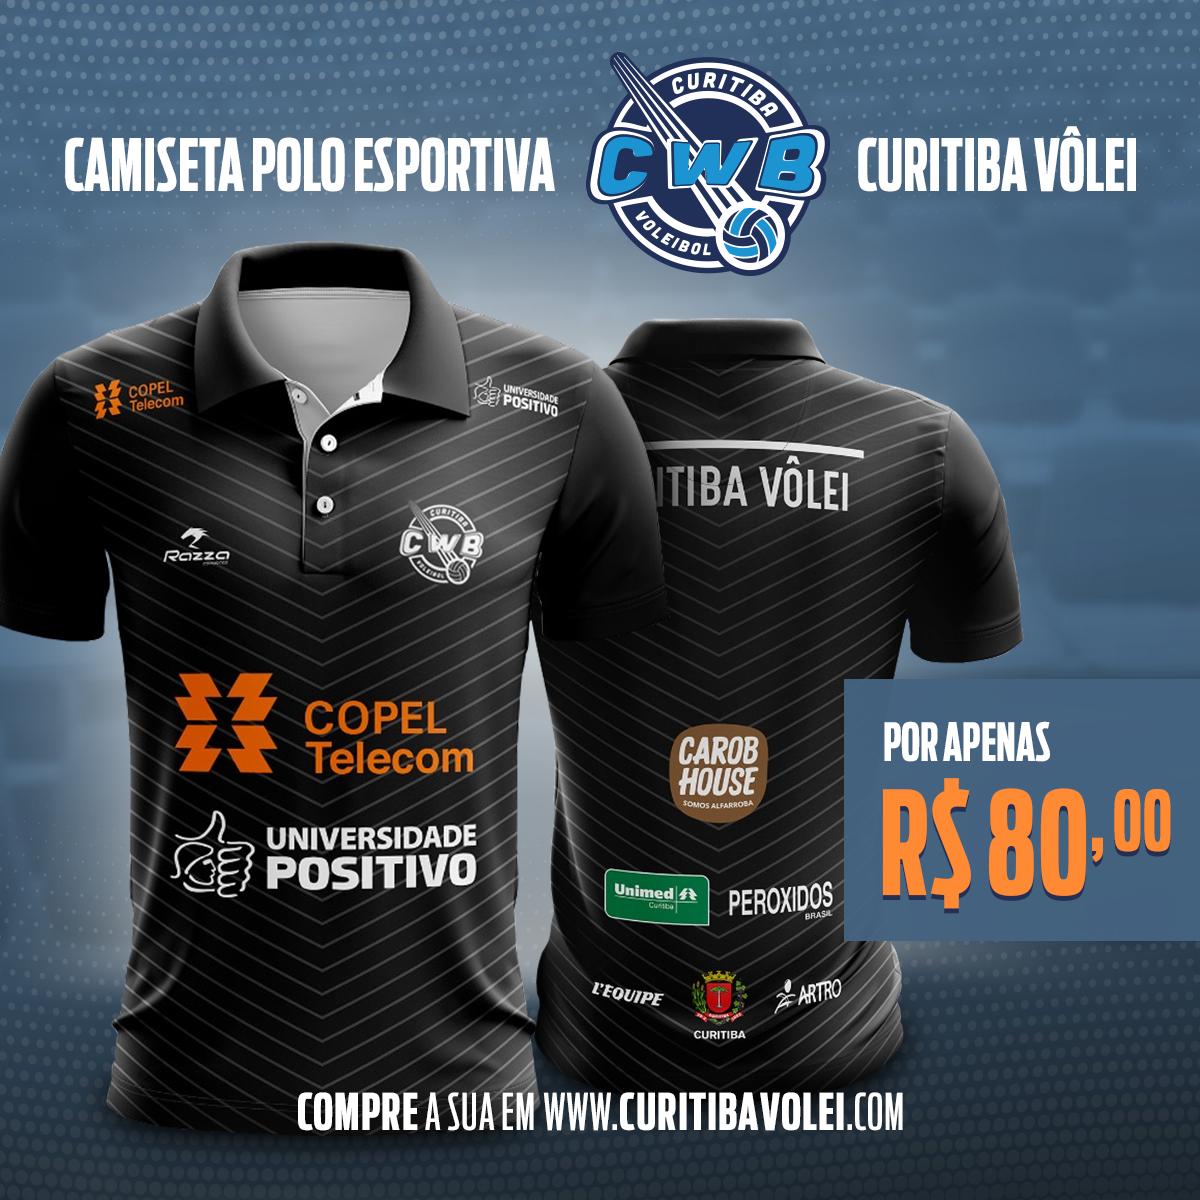 PROMOÇÃO - Camisa Pólo Oficial Curitiba Vôlei + 1 Ingresso a281d02ecff